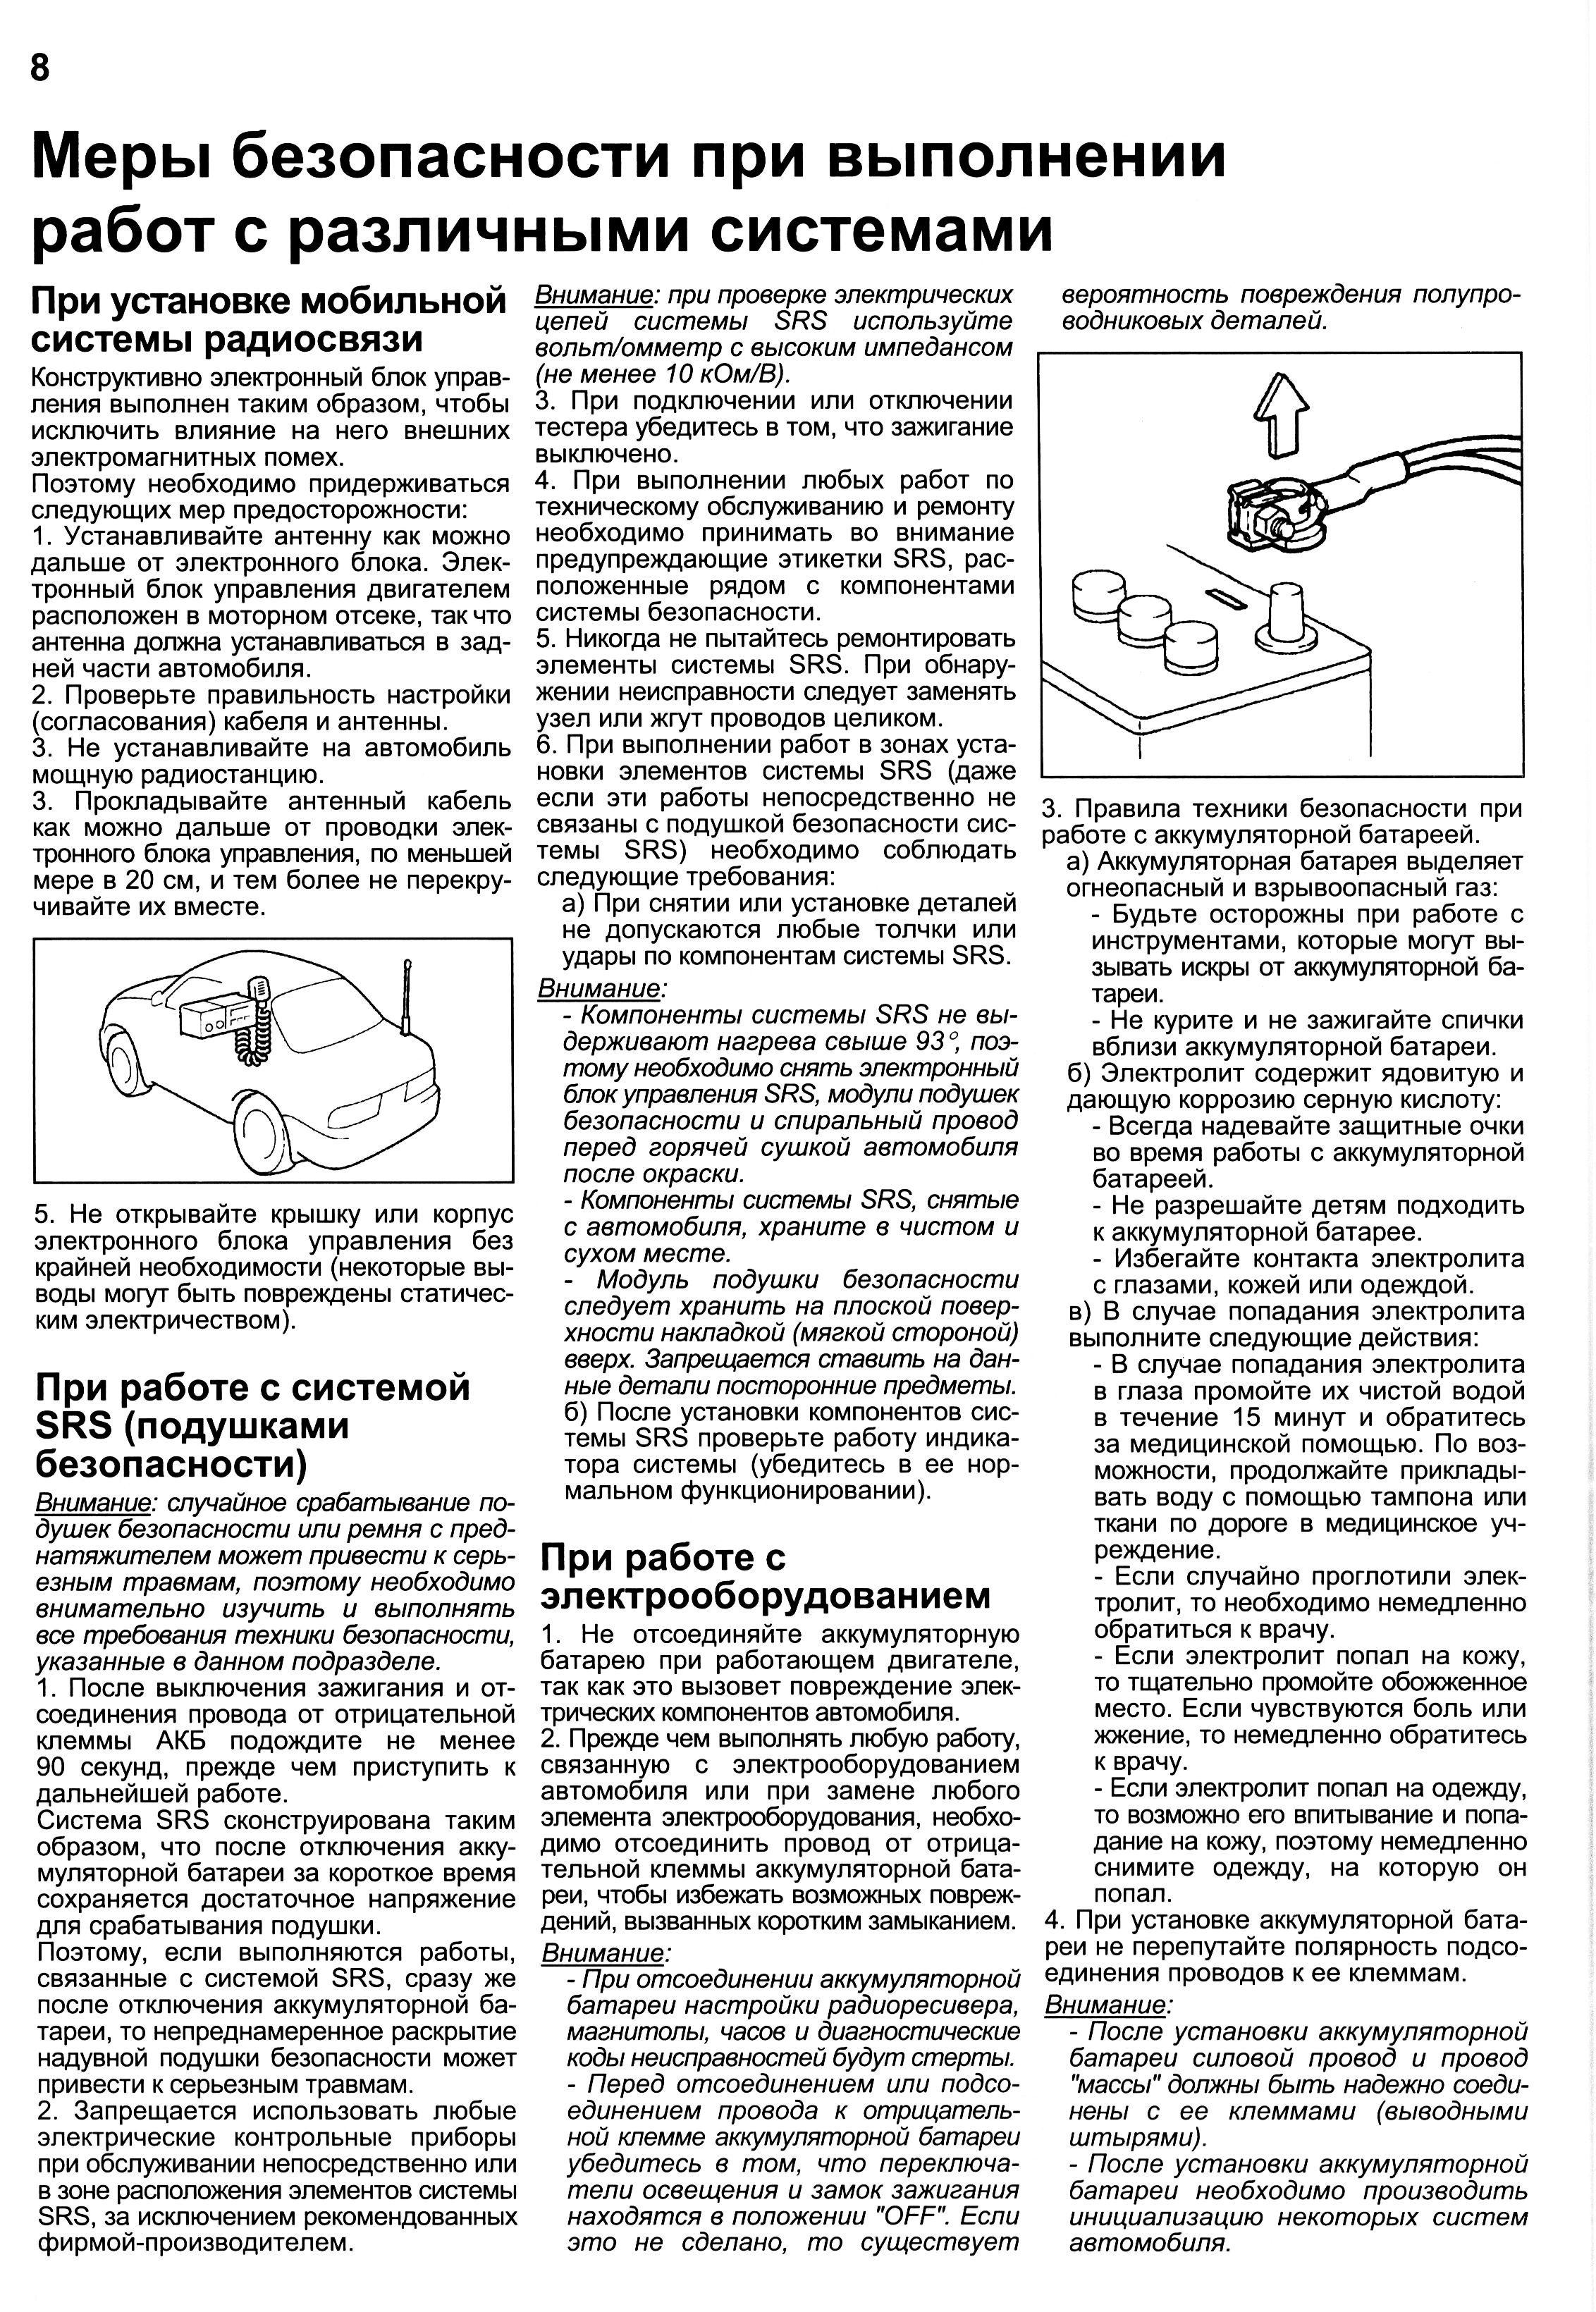 книга по эксплуатации тойота раум 2007